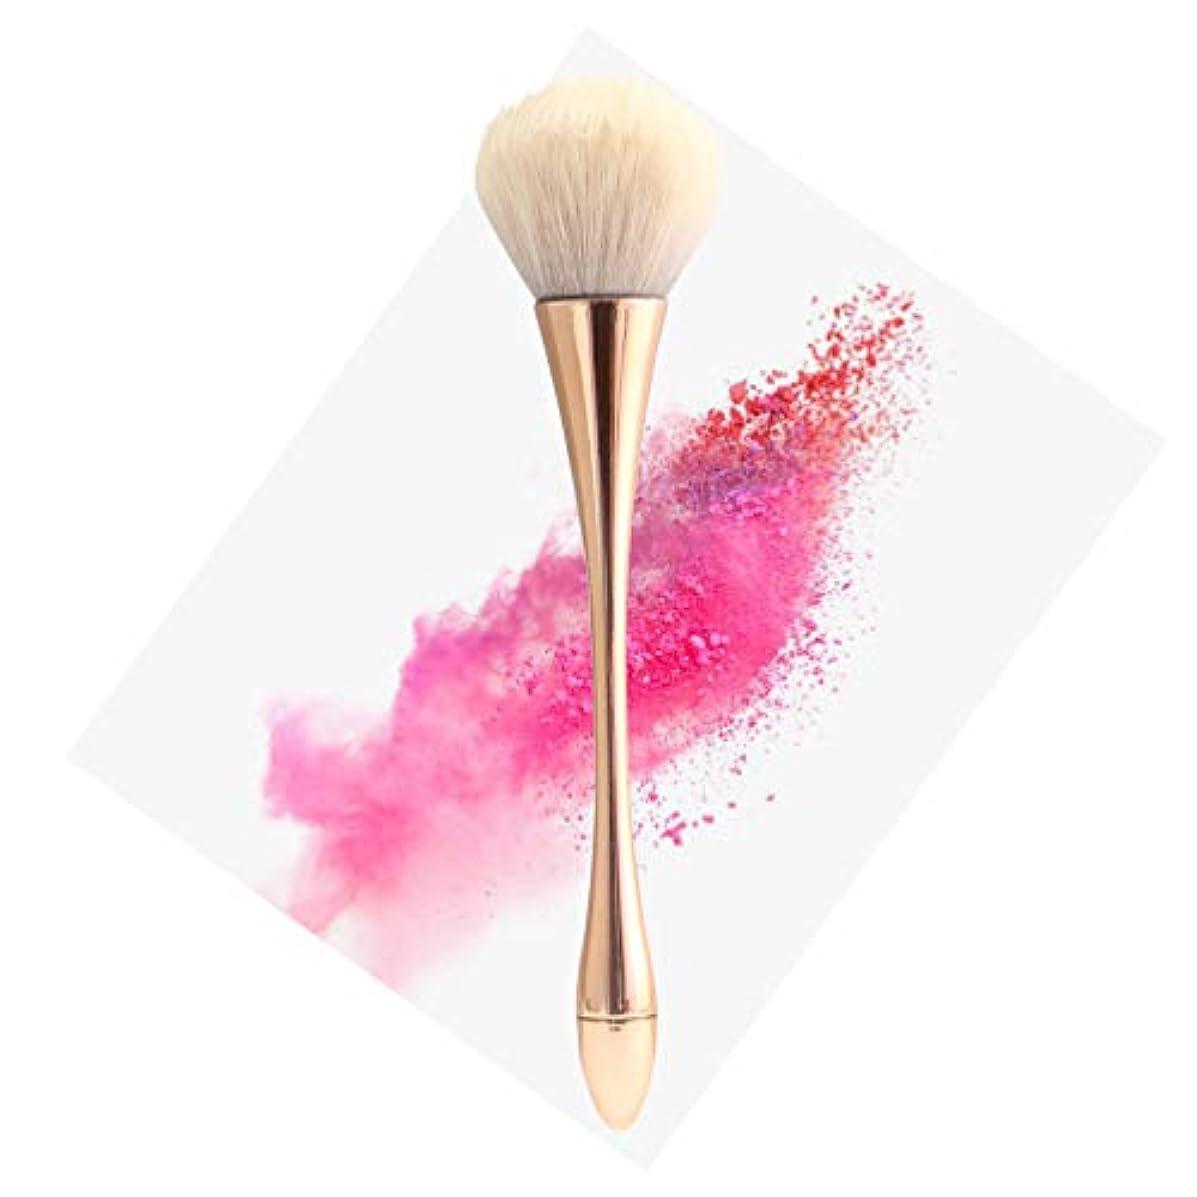 必要条件複雑でない騒々しいSHARE BEAUTY メイクブラシ シングルメイクブラシ ゴブレットの形の化粧ブラシ スリムなウエストの形の化粧ブラシ 人気 柔らかい 高品質 通勤、出張、旅行に適用 贈り物に最適 メイクアップツール 化粧筆 (ゴールド)